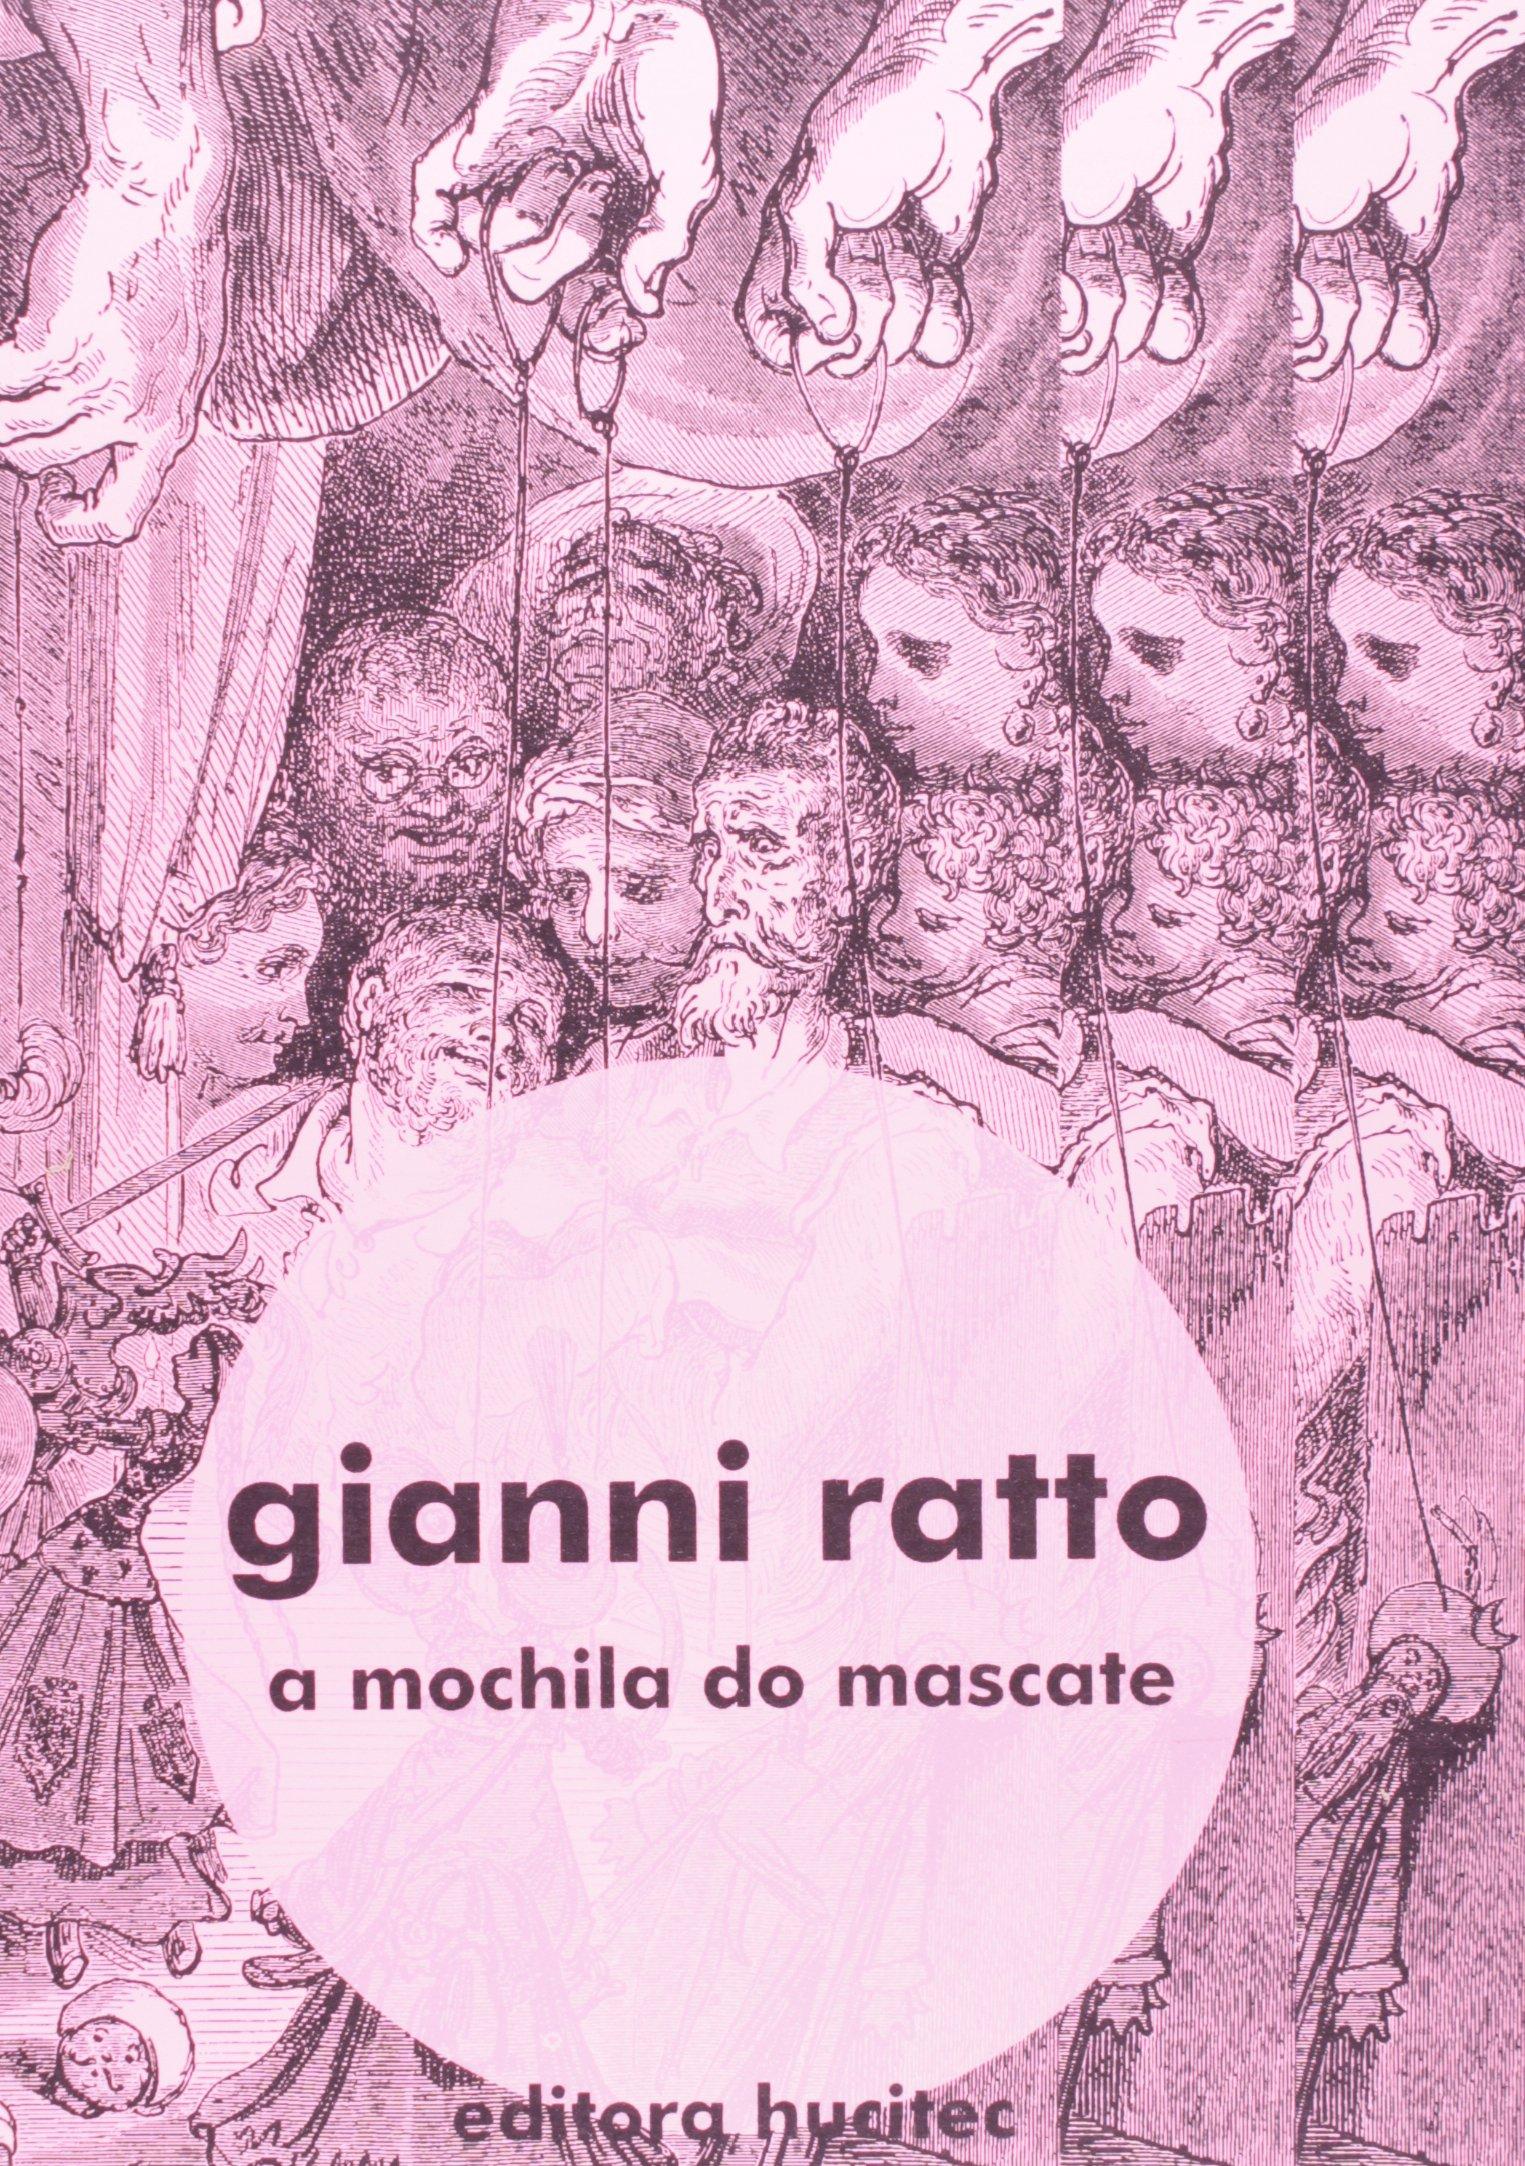 A mochila do mascate: Fragmentos do diário de bordo de um anônimo do século XX (Teatro) (Portuguese Edition): Gianni Ratto: 9788527103794: Amazon.com: Books